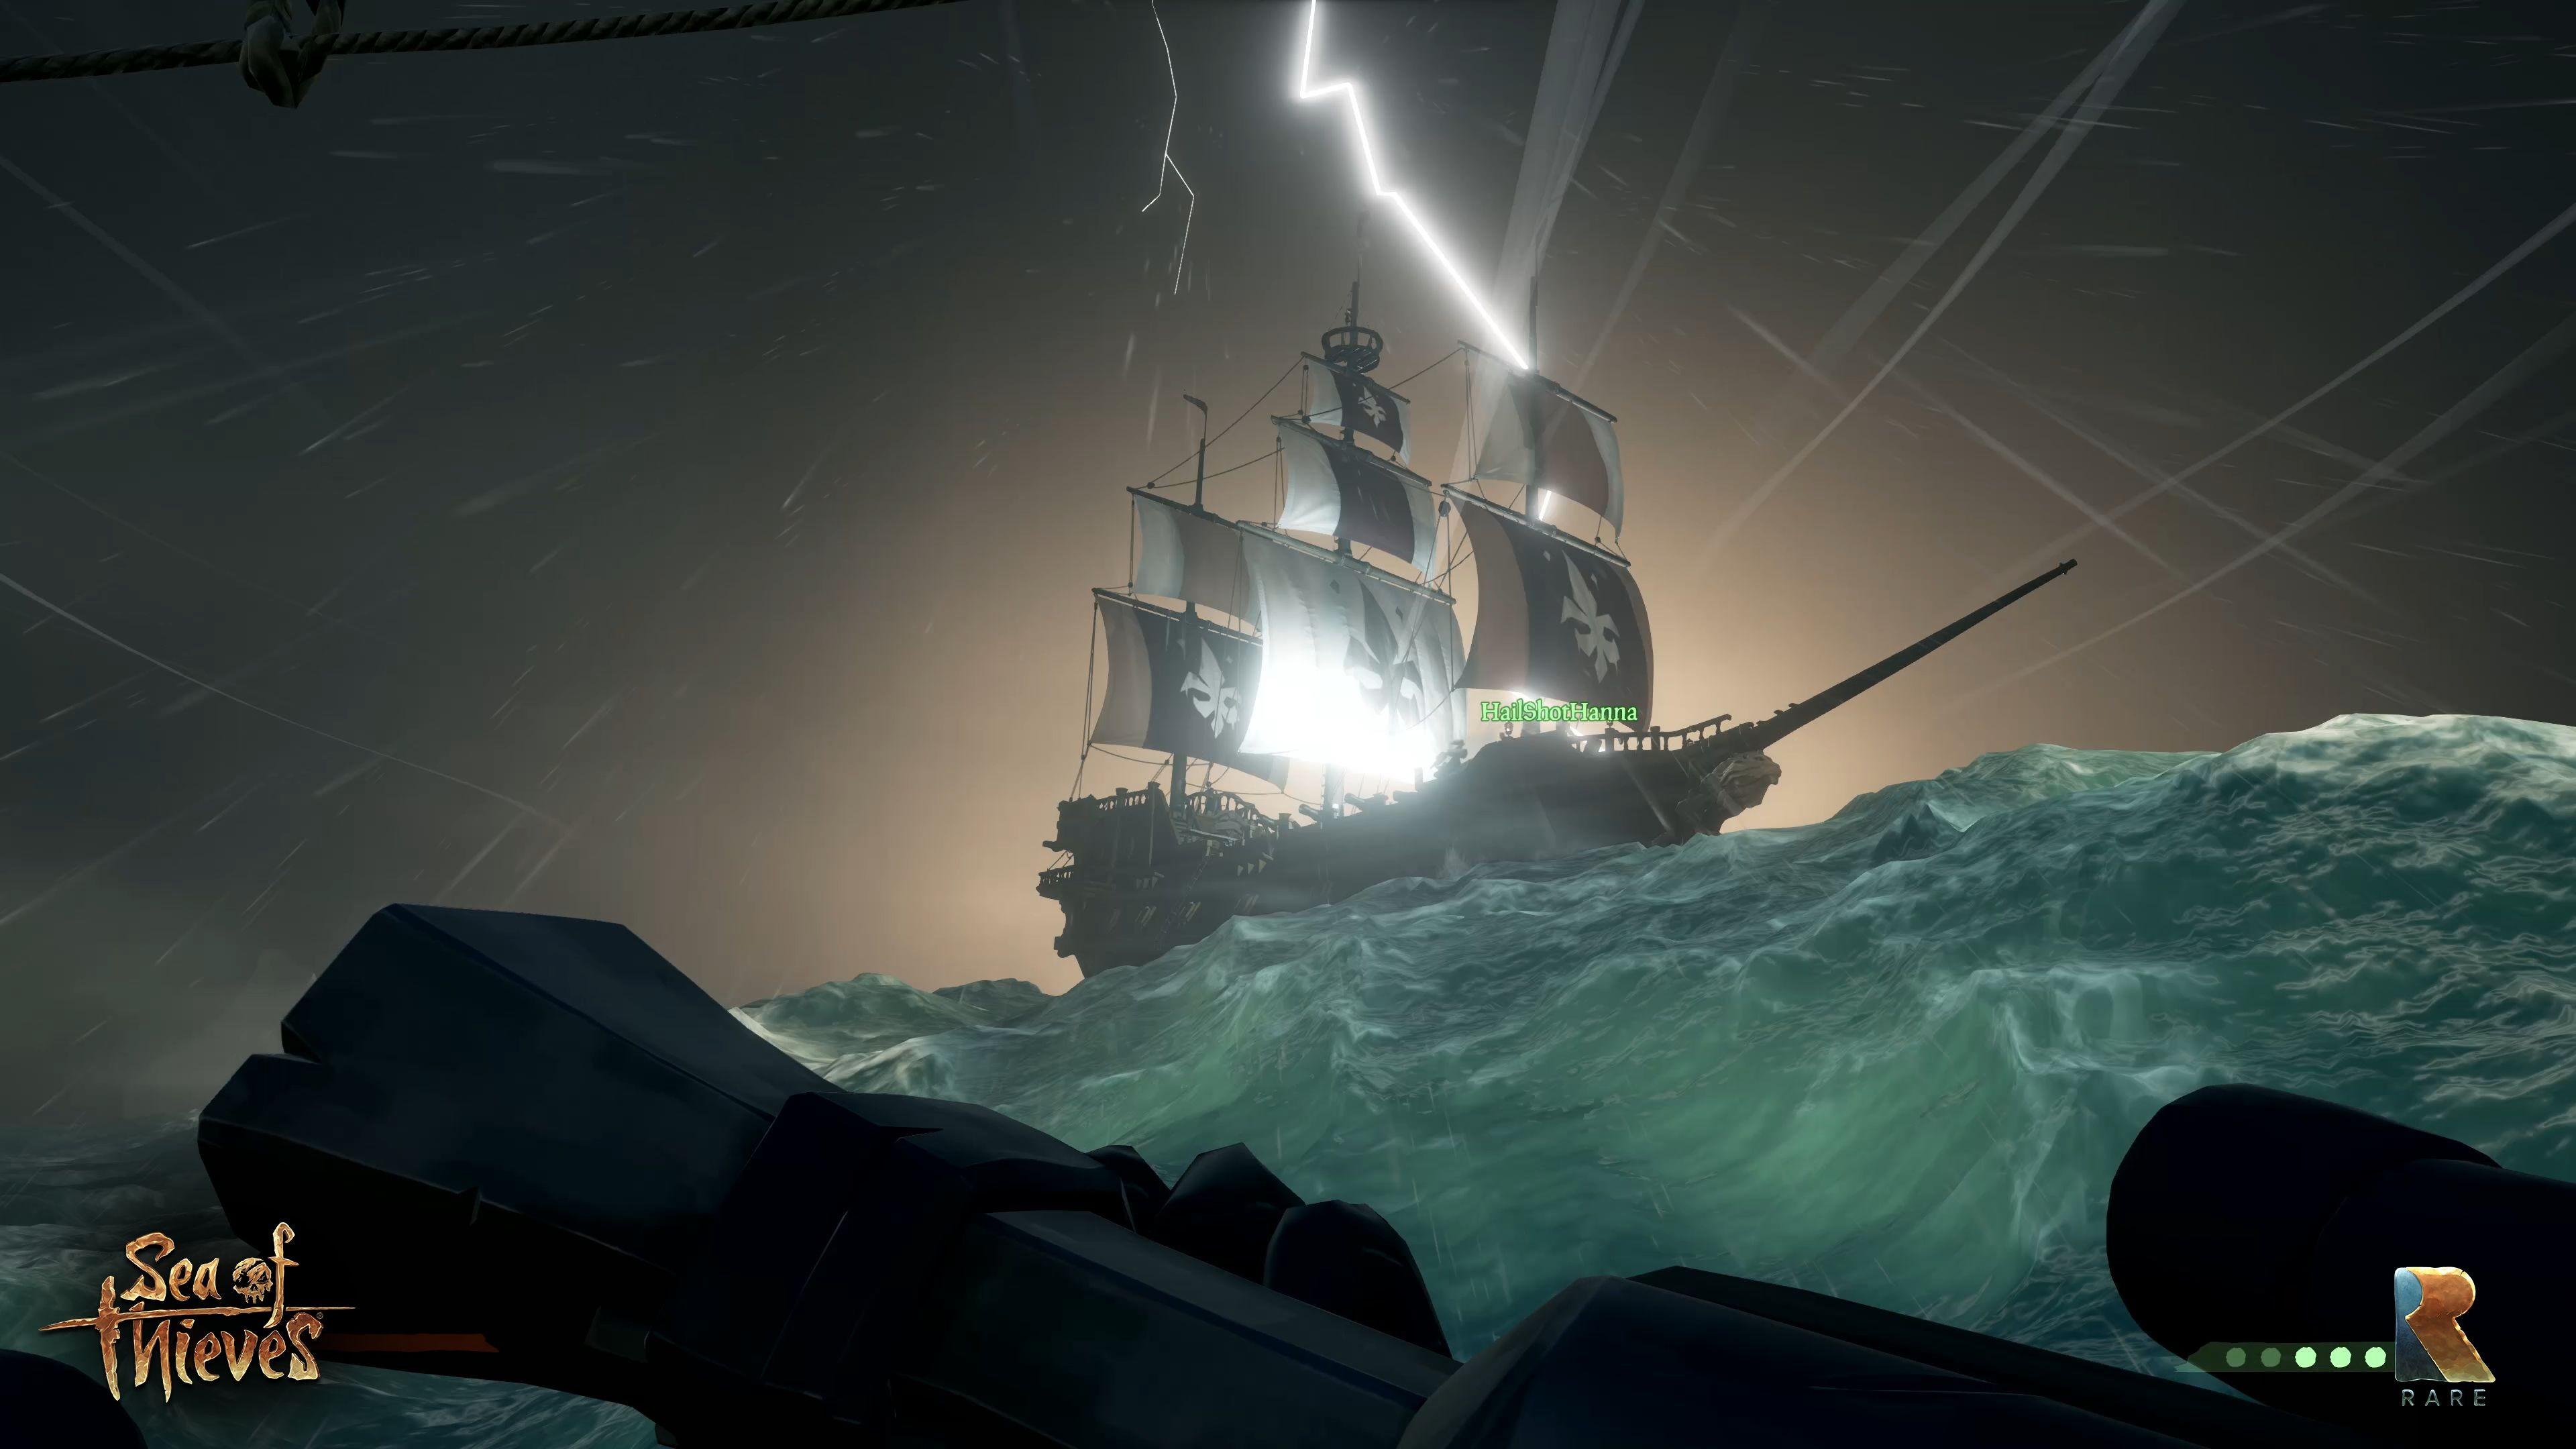 Скриншот 0 - Sea of Thieves + бонус  Black Dog (Windows Store)  (РАБОТАЕТ СЕТЕВАЯ ИГРА)